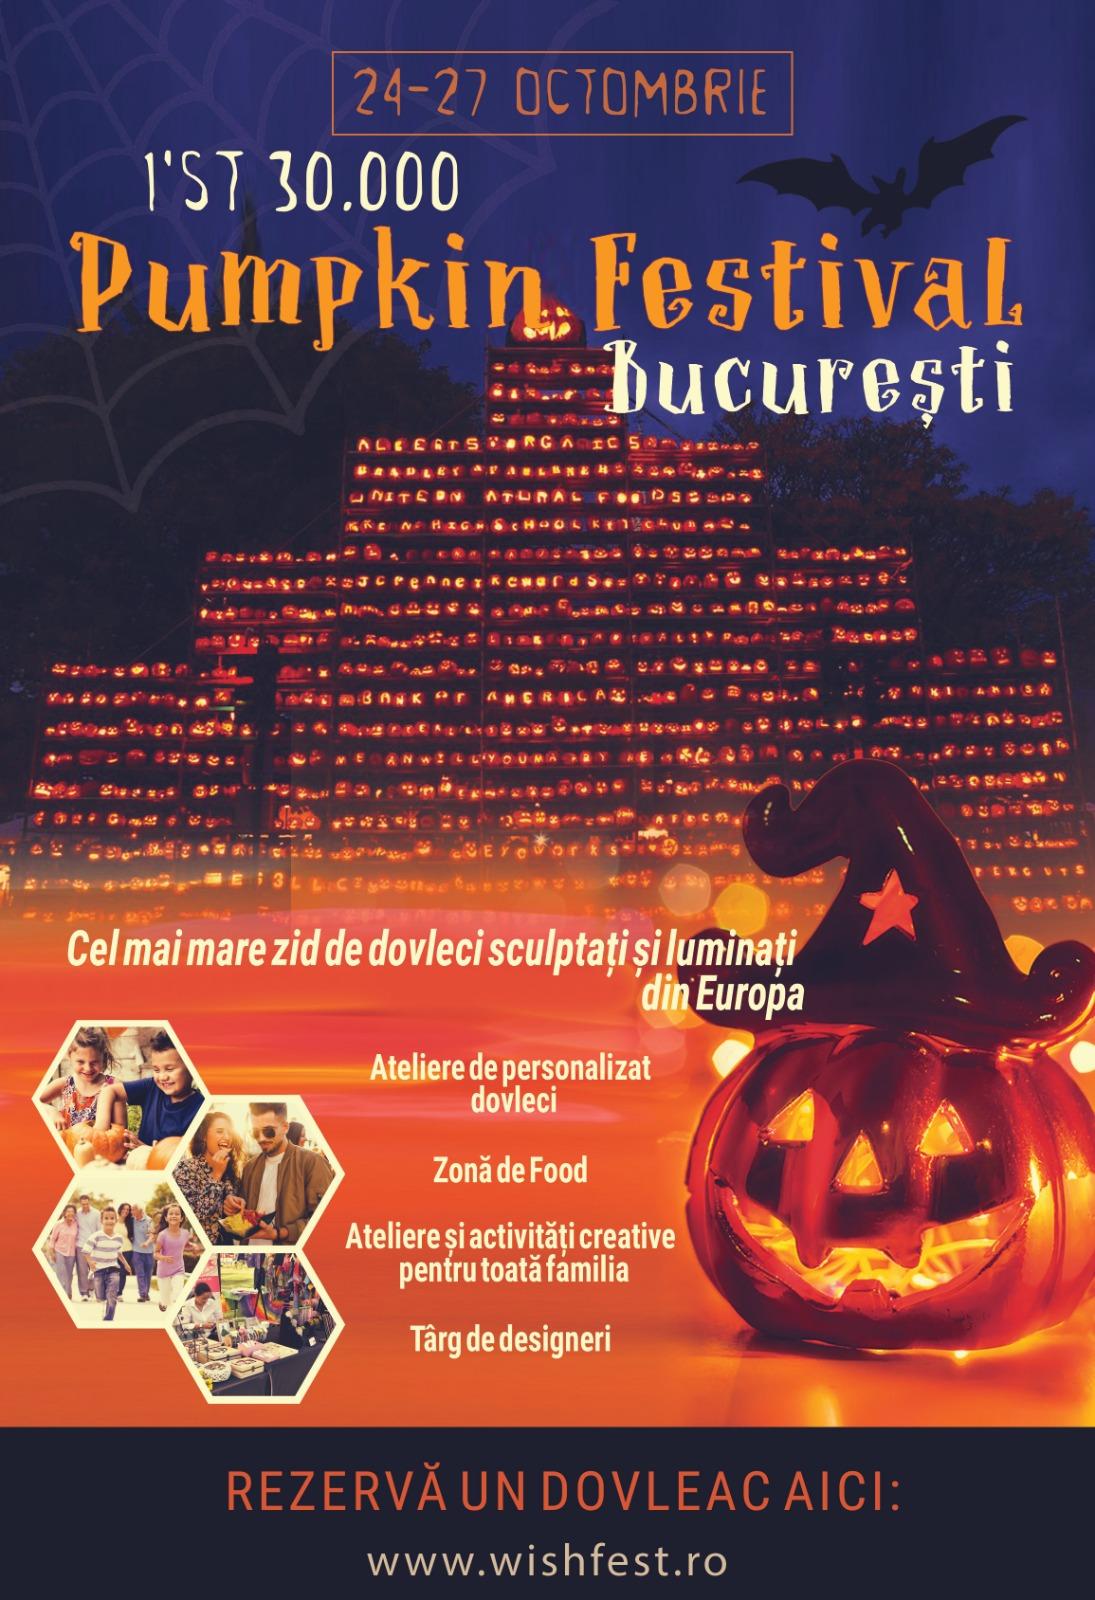 Cel mai mare zid de dovleci sculptati si iluminati din Europa la PumpkinFest, intre 24 si 27 octombrie,in Parcul Regele Mihai I (Herastrau) din Bucuresti